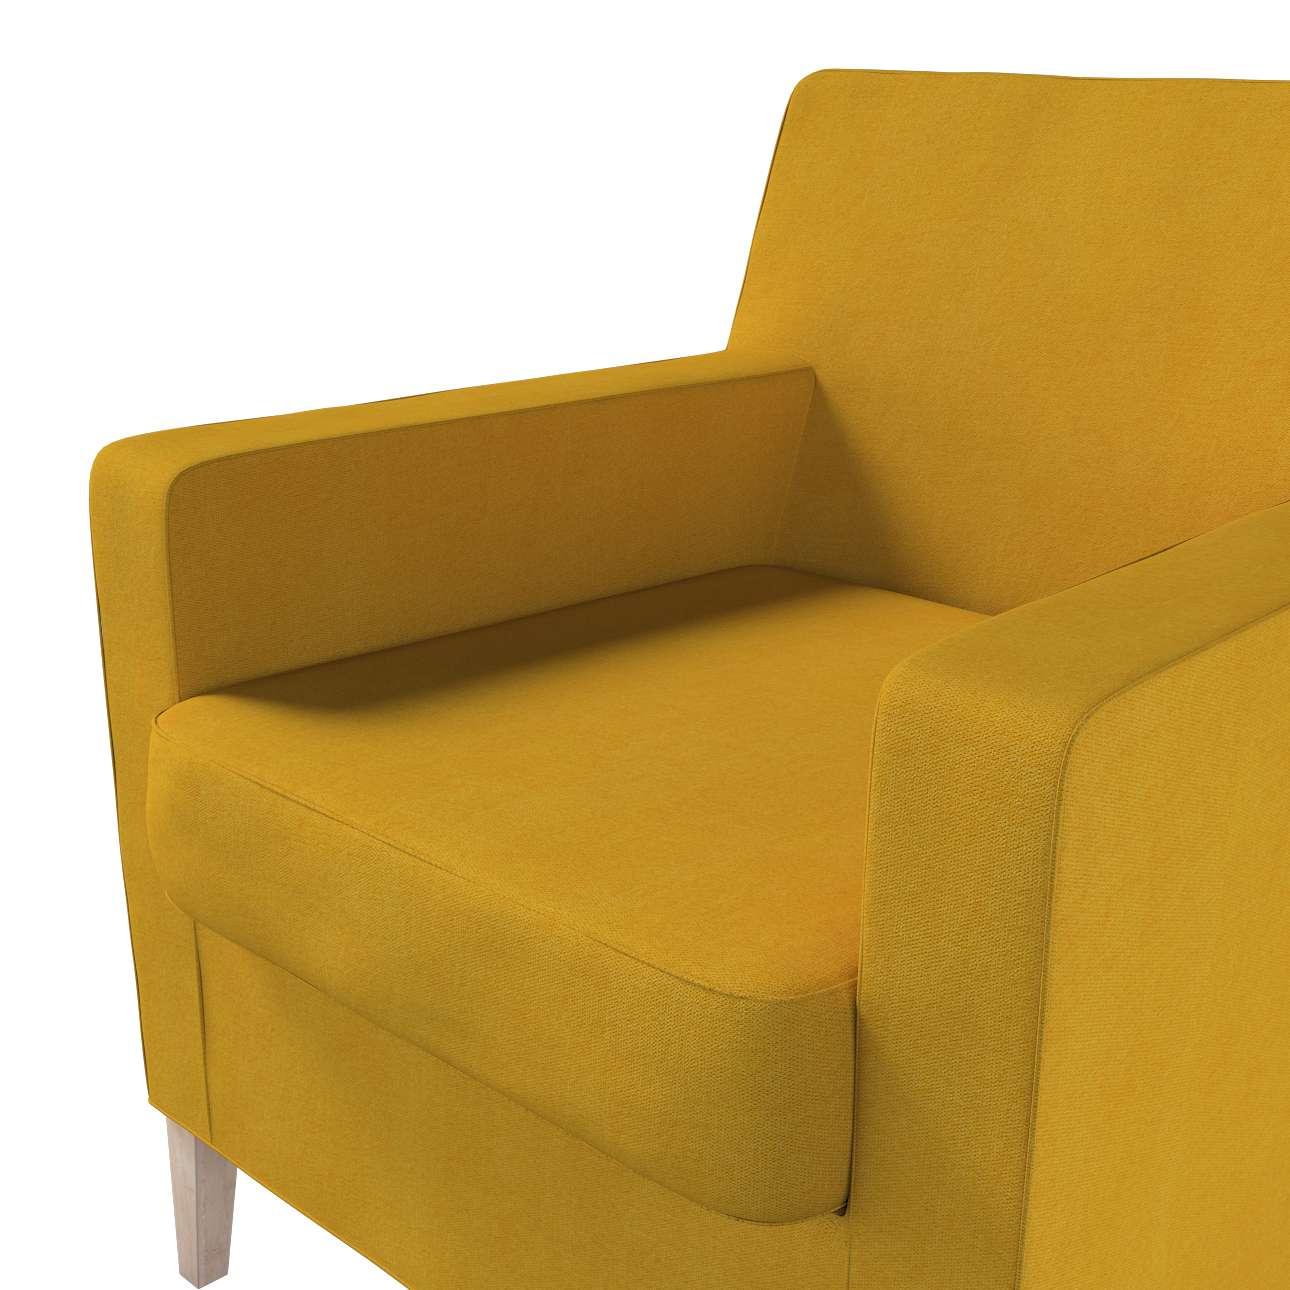 Pokrowiec na fotel Karlstad w kolekcji Etna, tkanina: 705-04